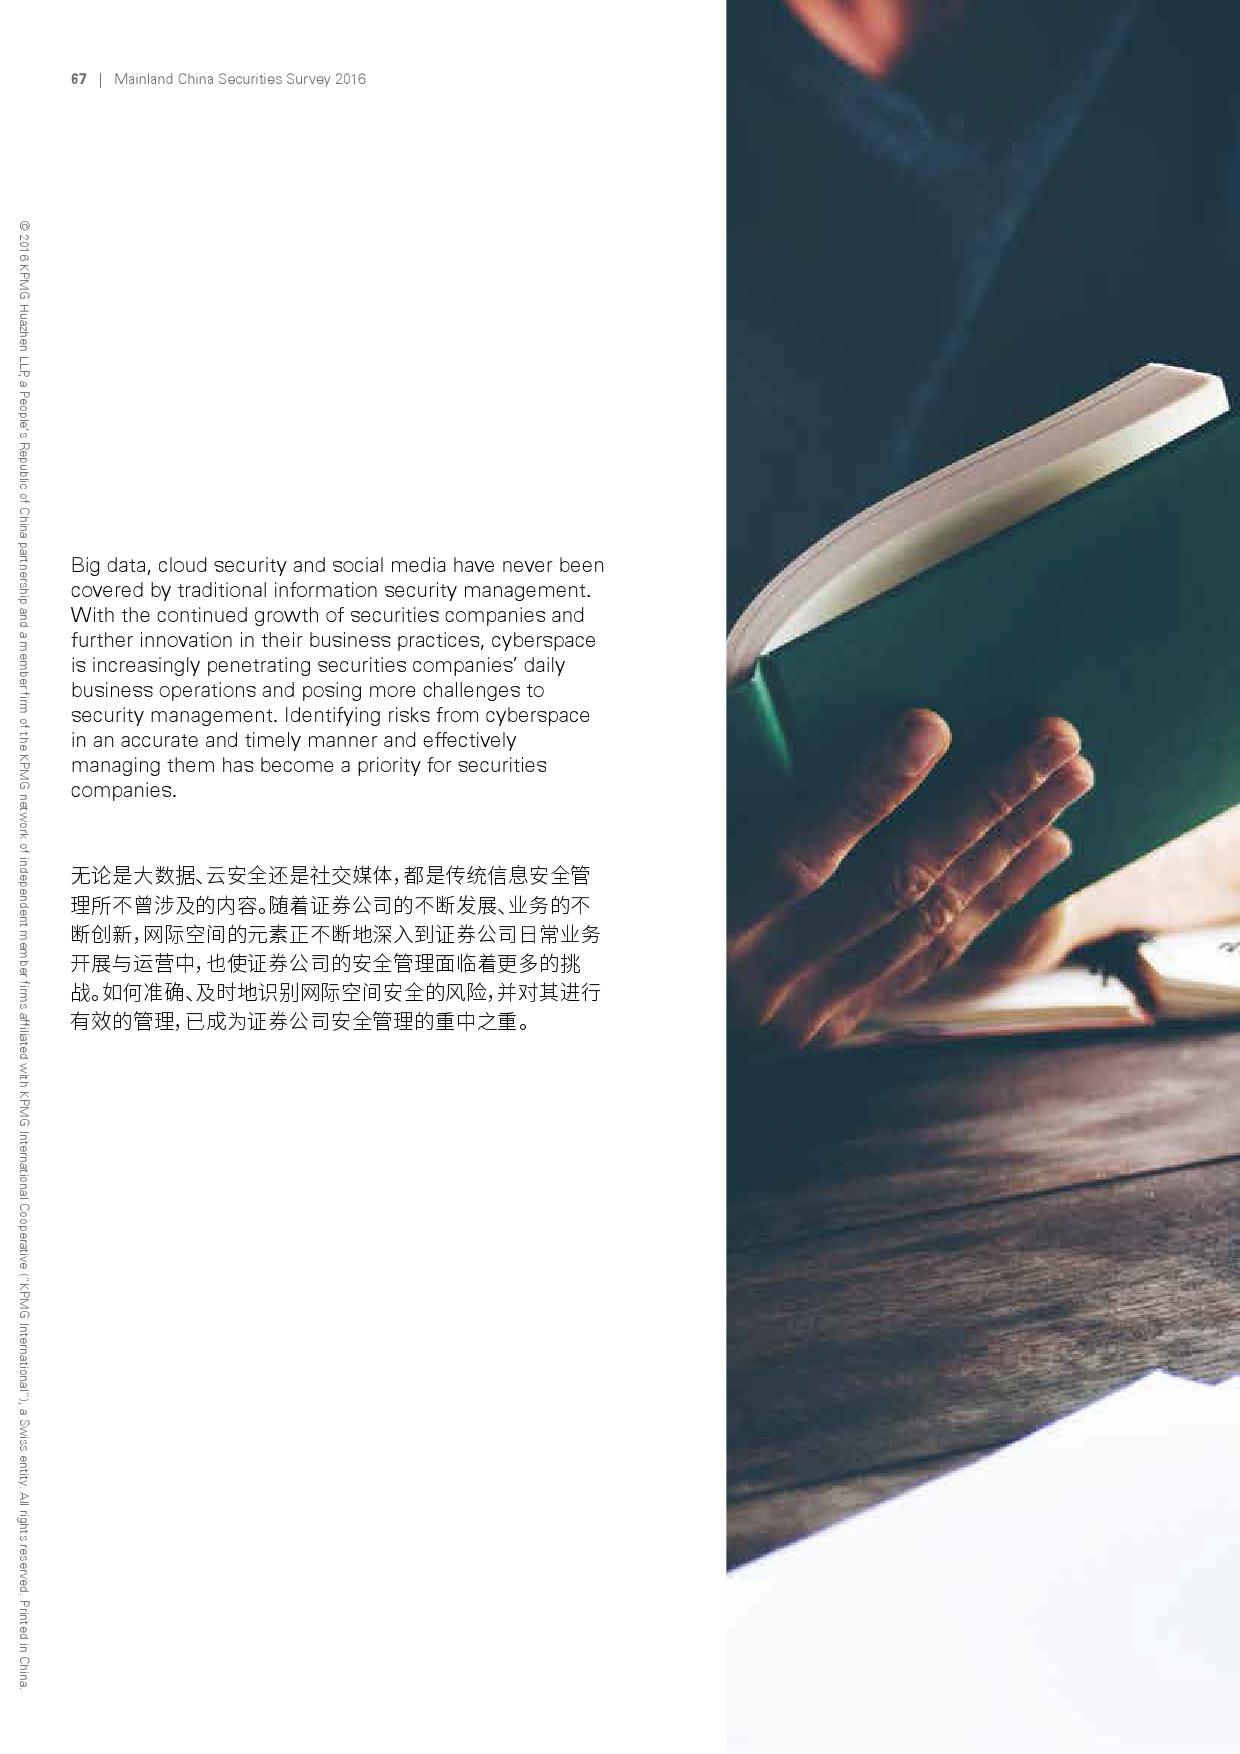 2016年中国证券业调查报告_000070